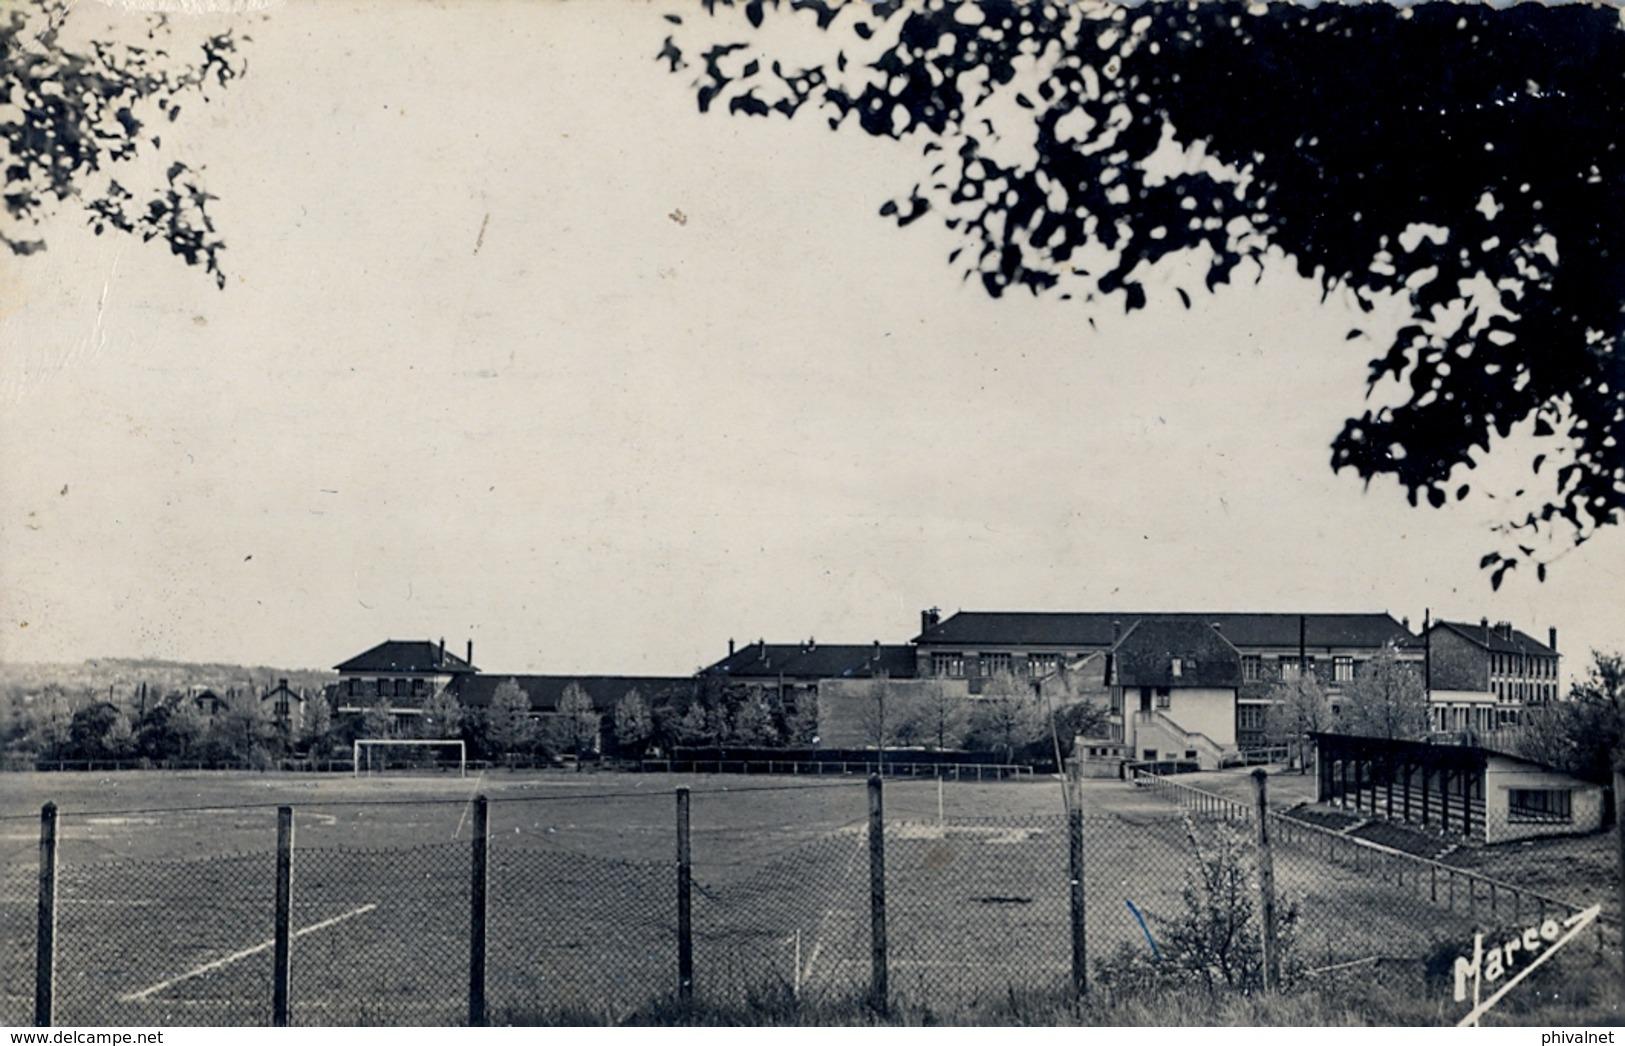 1952 FRANCIA , TARJETA POSTAL CIRCULADA, LE STADE DE GAGNY, STADION , ESTADIO , STADIUM - Estadios